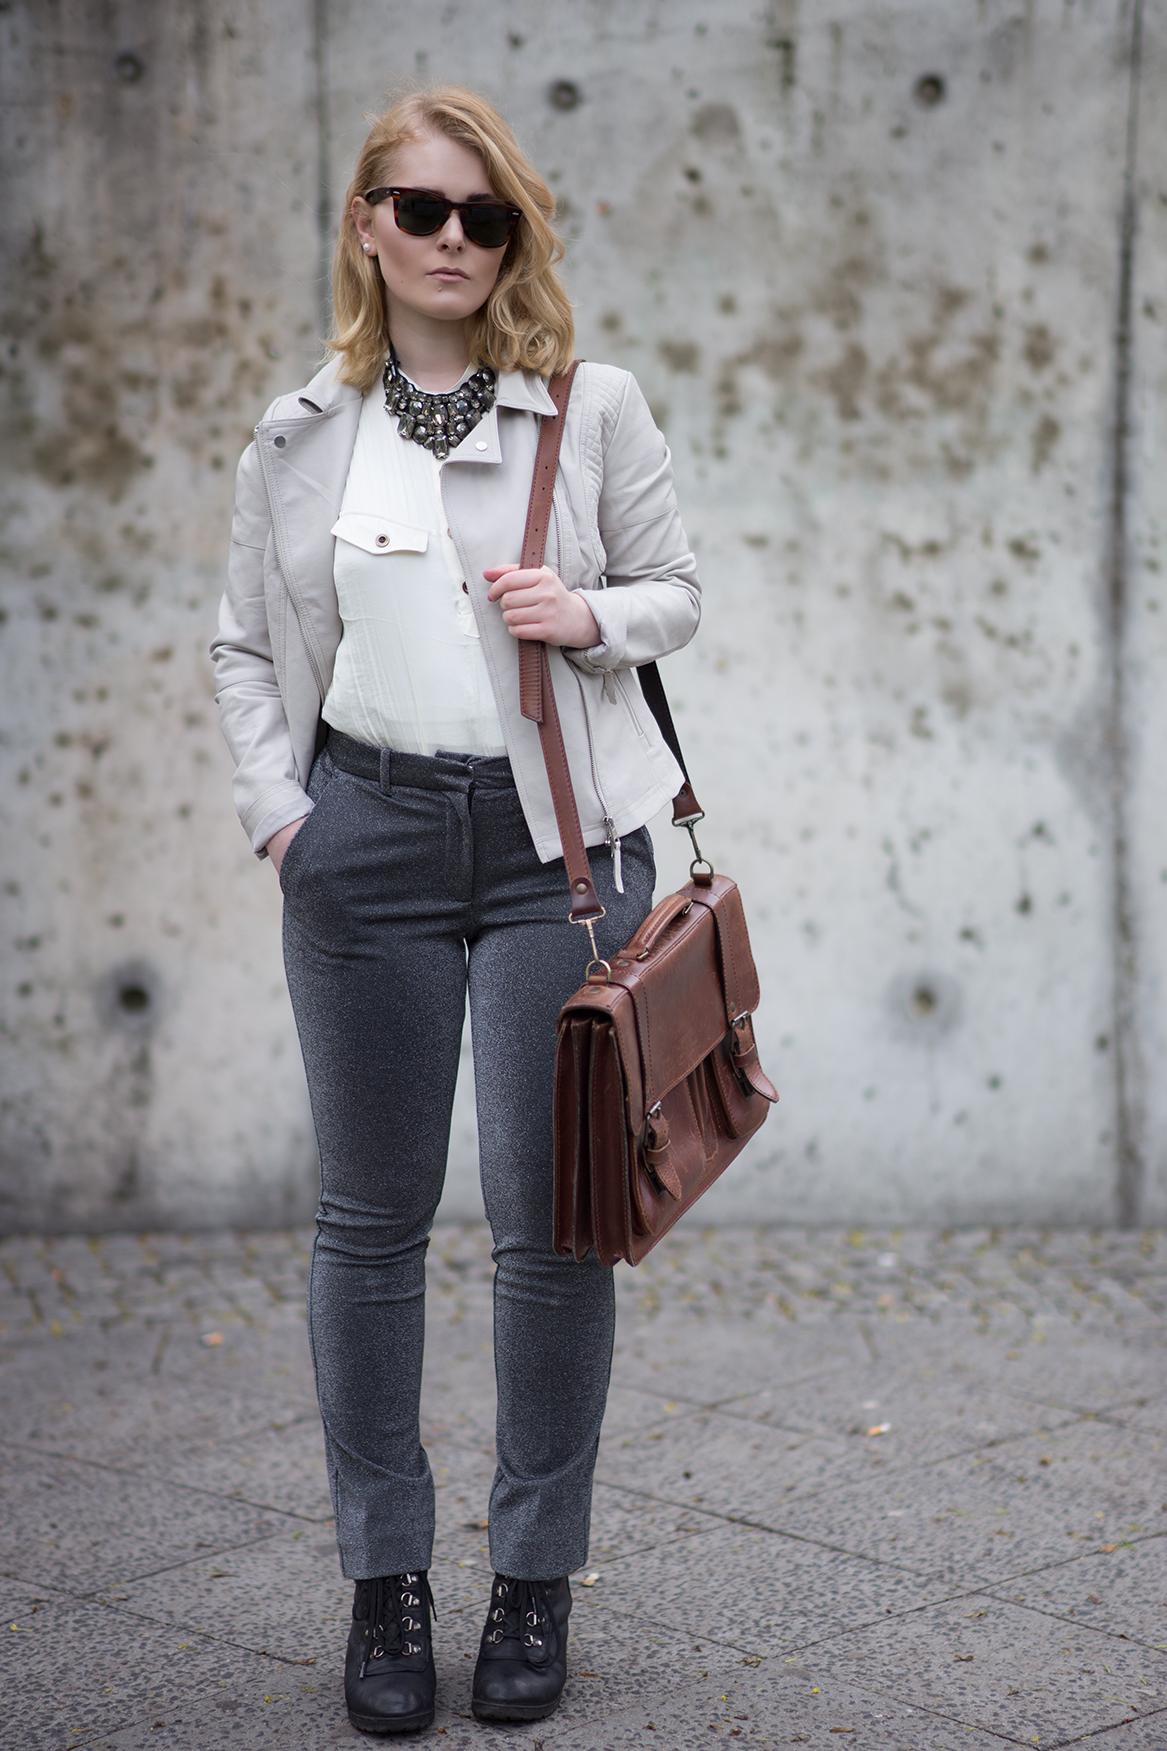 Herbst Look mit Glitzer Jeans, weißem Top und Lederjacke in grau